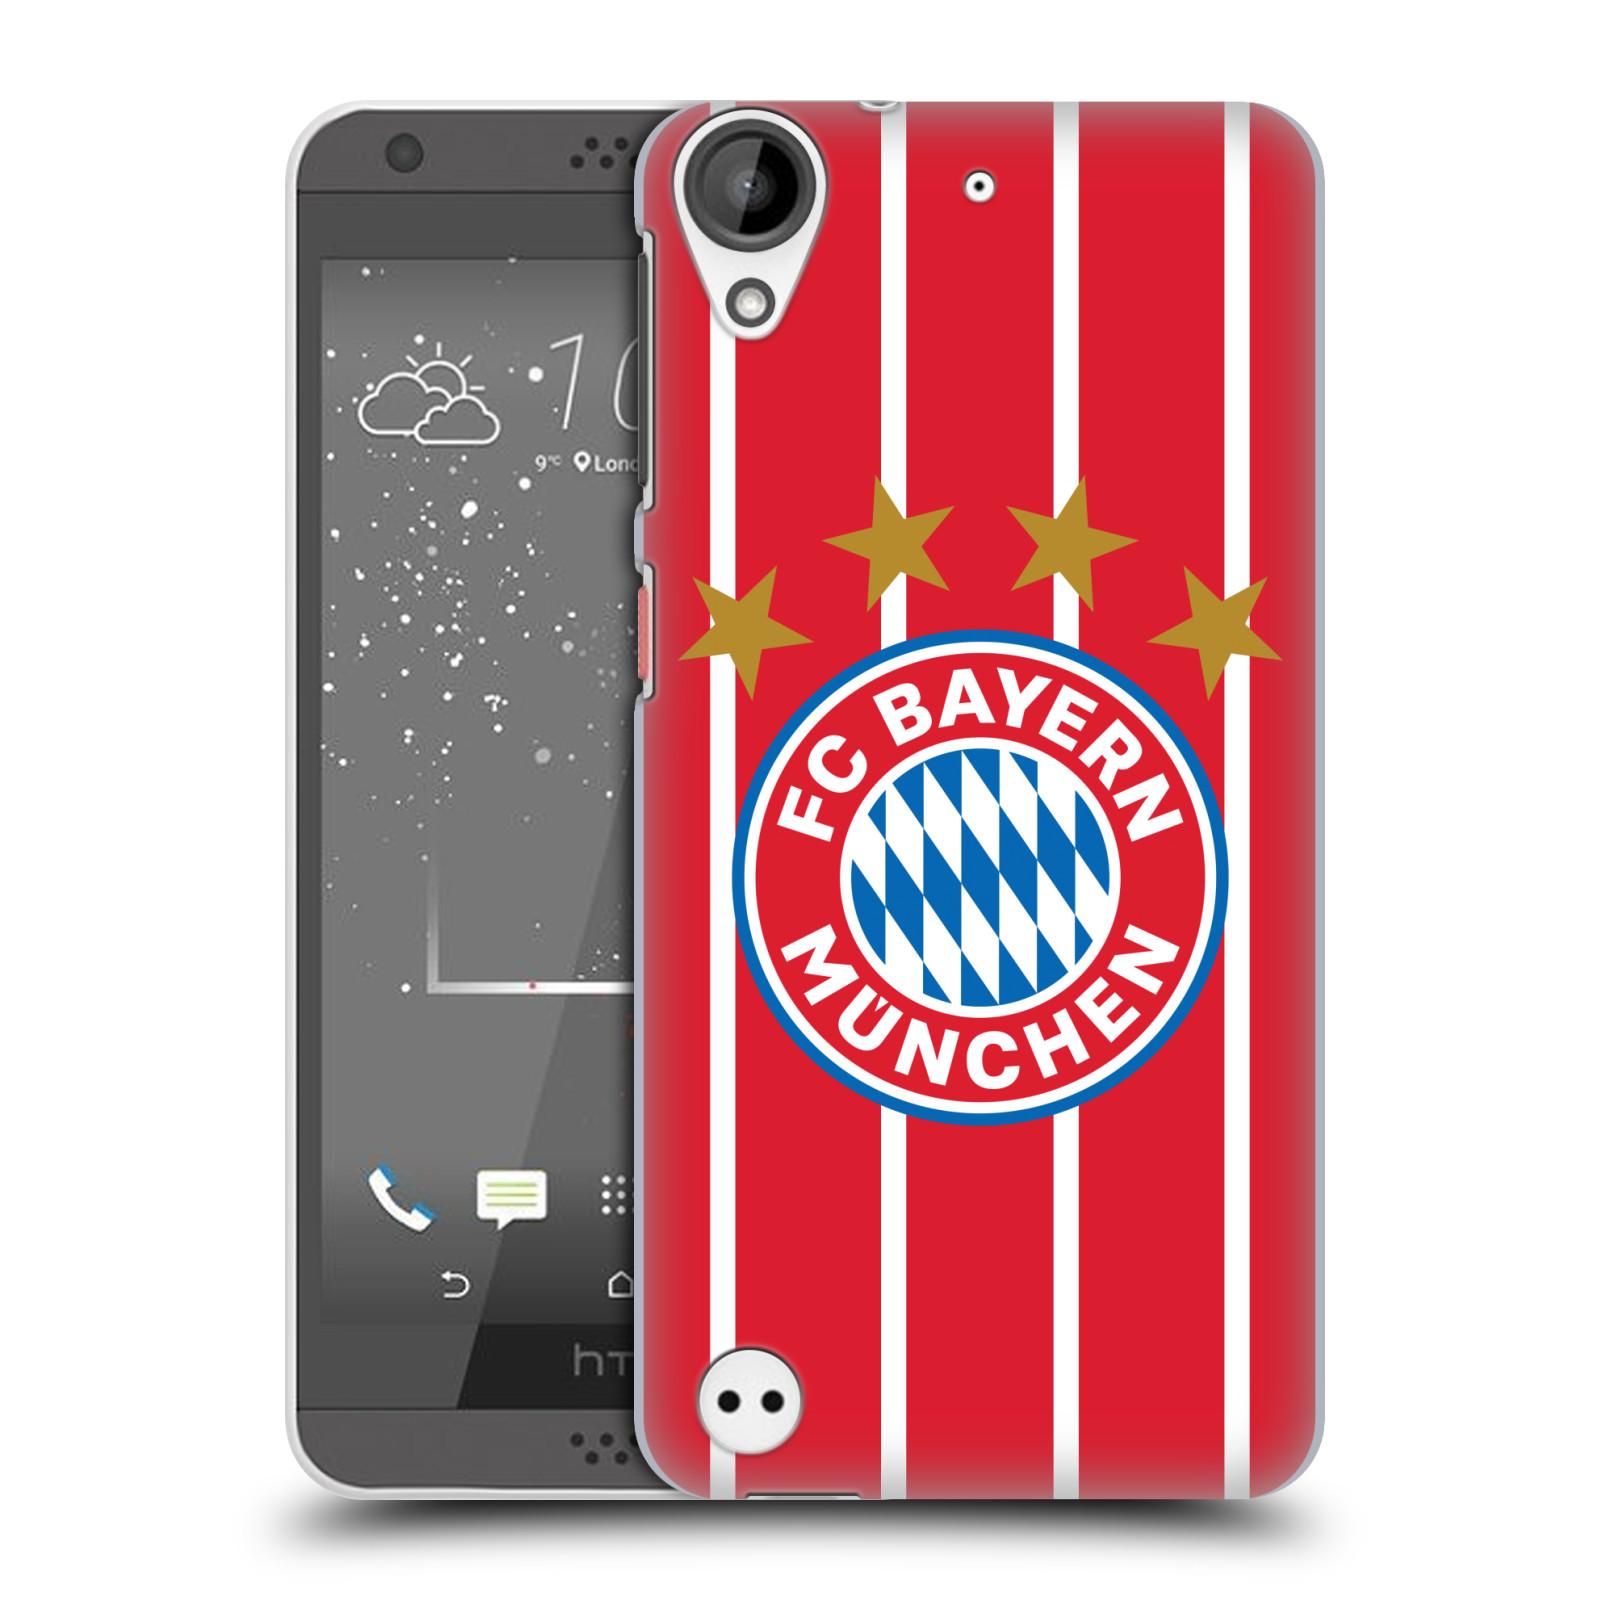 Plastové pouzdro na mobil HTC Desire 530 - Head Case - FC Bayern Mnichov - Domácí dres